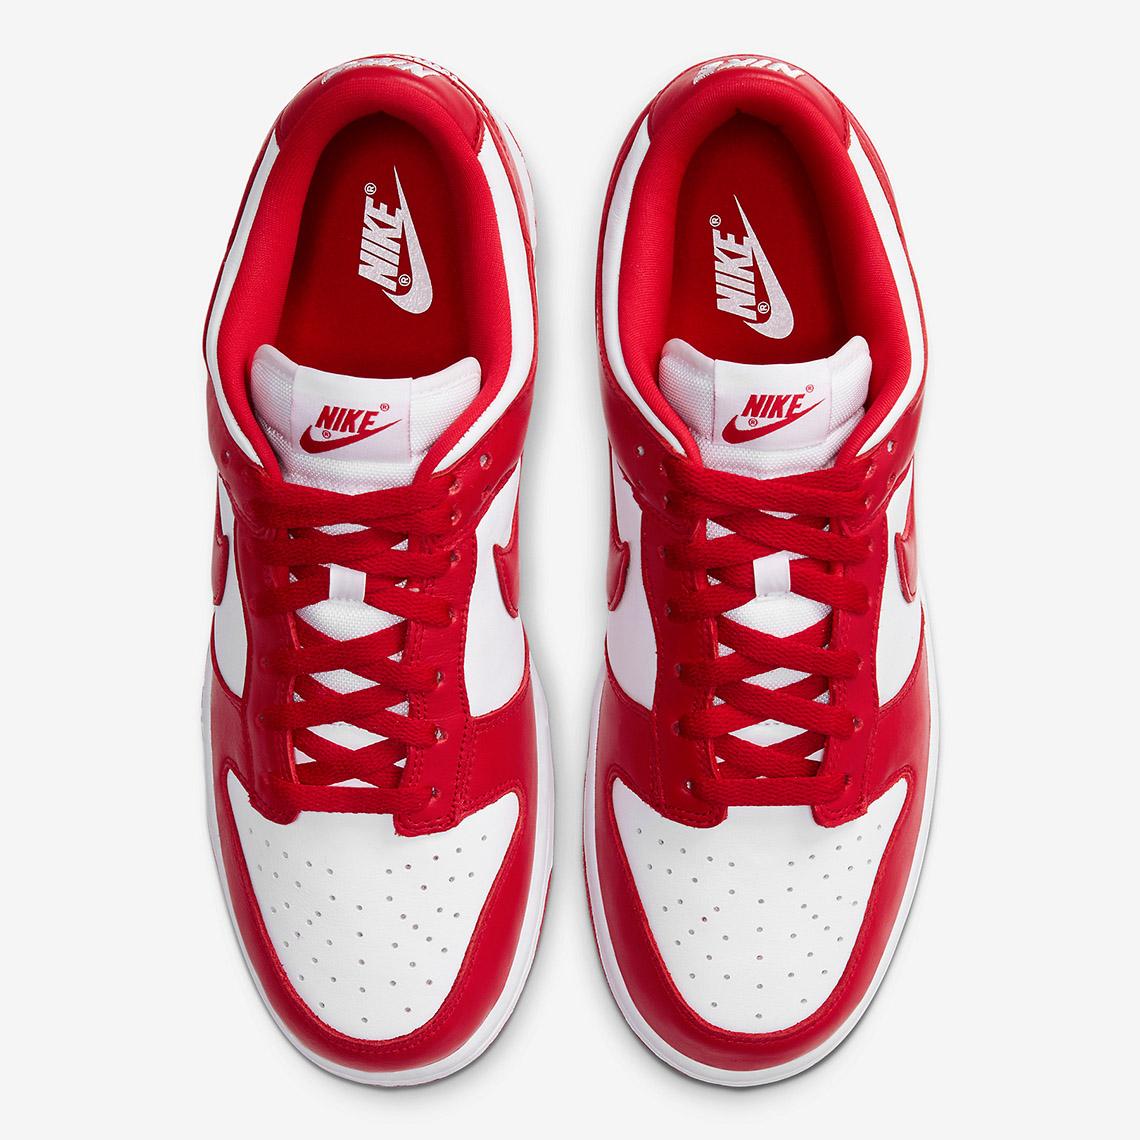 5 phát hành giày thể thao ấn tượng sắp ra mắt (11- 18/6/2020)-8